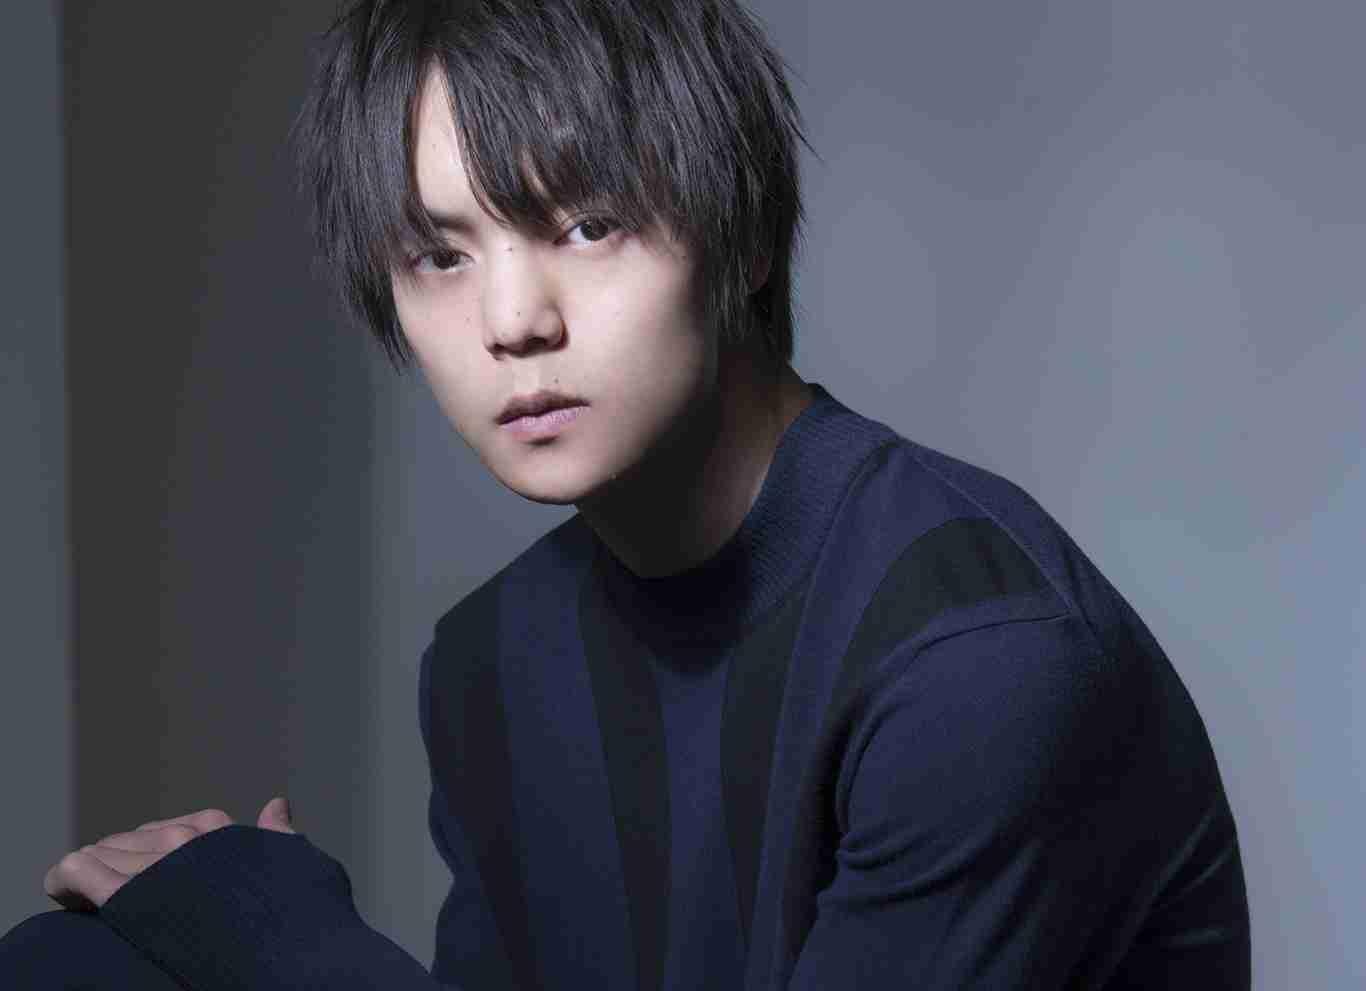 「役者という職人であり続けたい」――窪田正孝が見据える未来と勝負のとき - ライブドアニュース